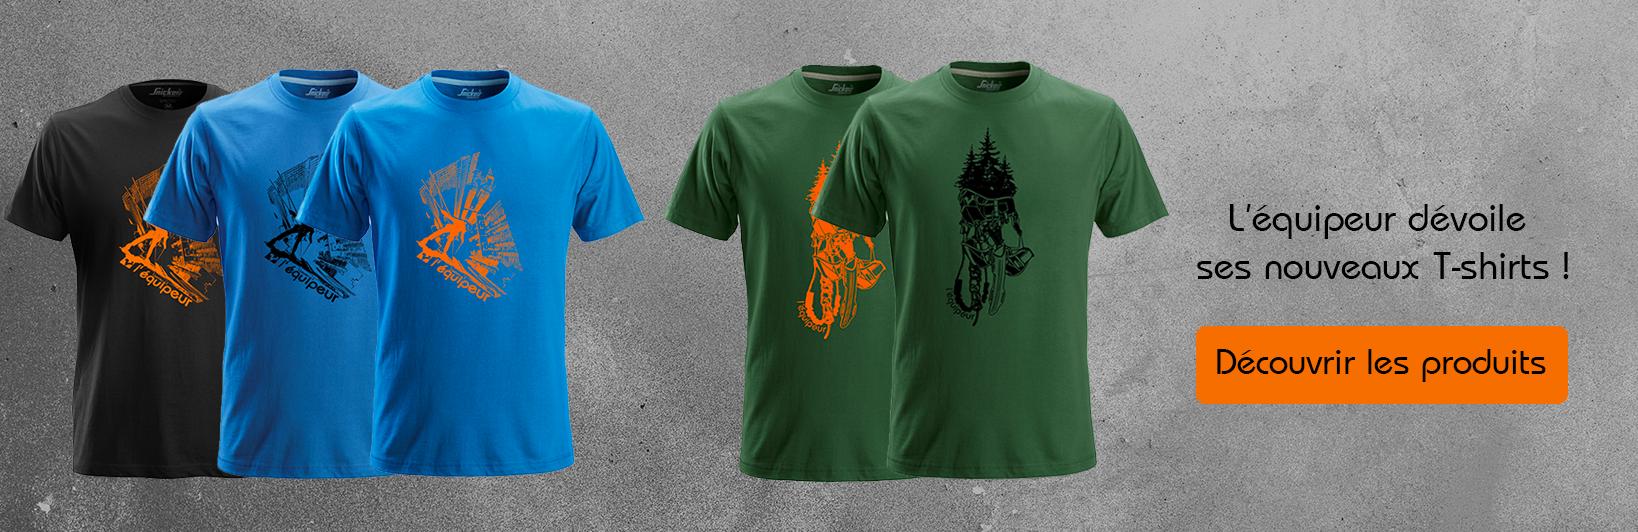 T-shirt cordistes, travaux en hauteur, élagueur, arboriste, vous trouverez le t-shirt fait pour vous